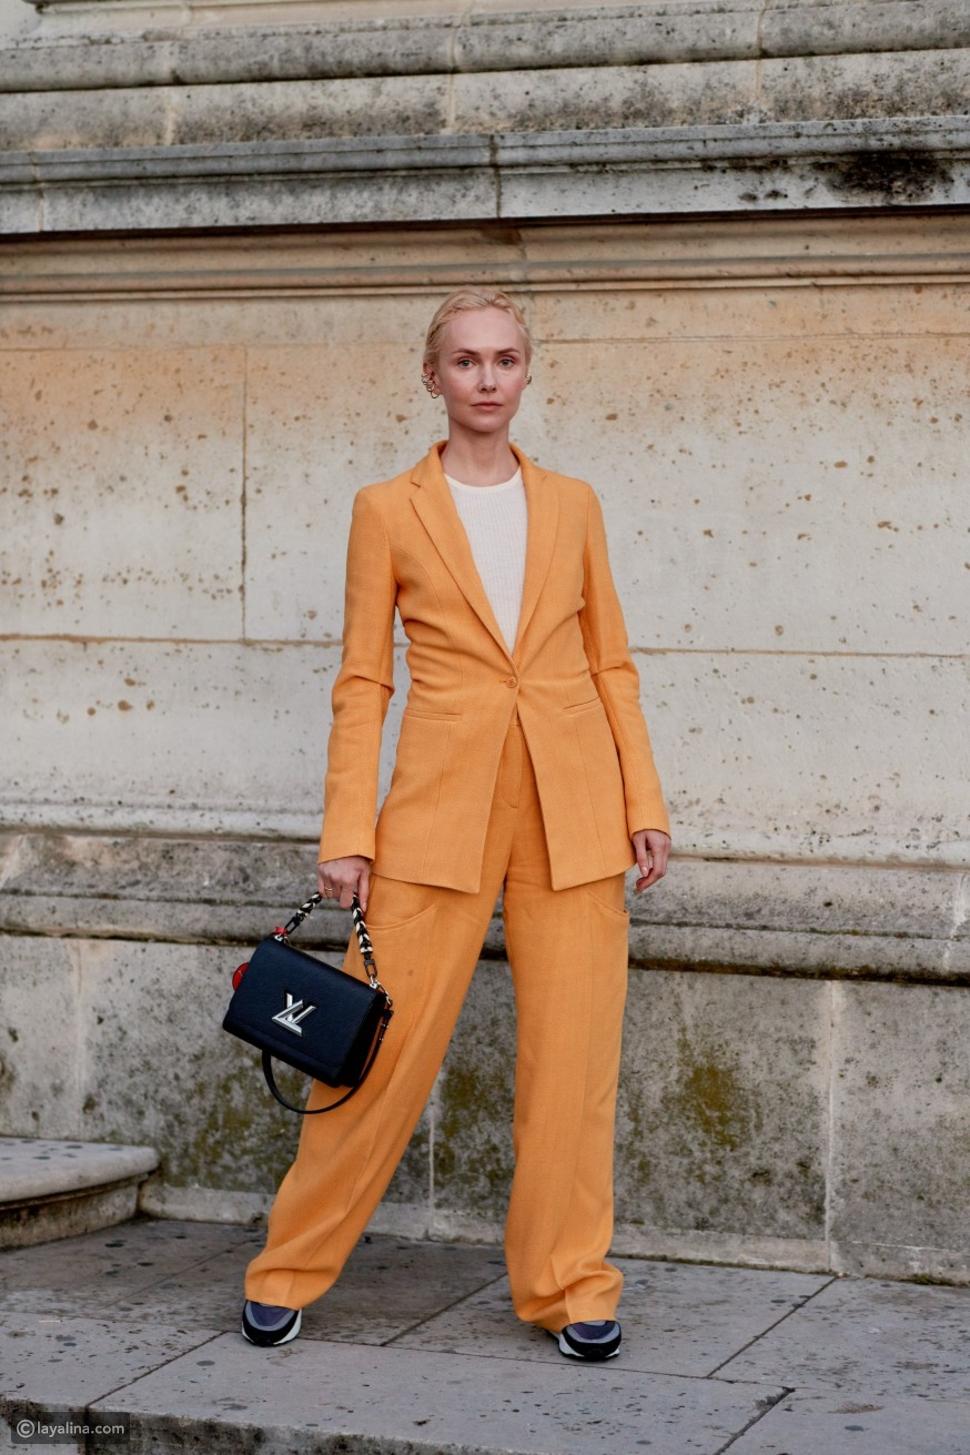 بدلة بنطلون باللون البرتقالي الأنيق